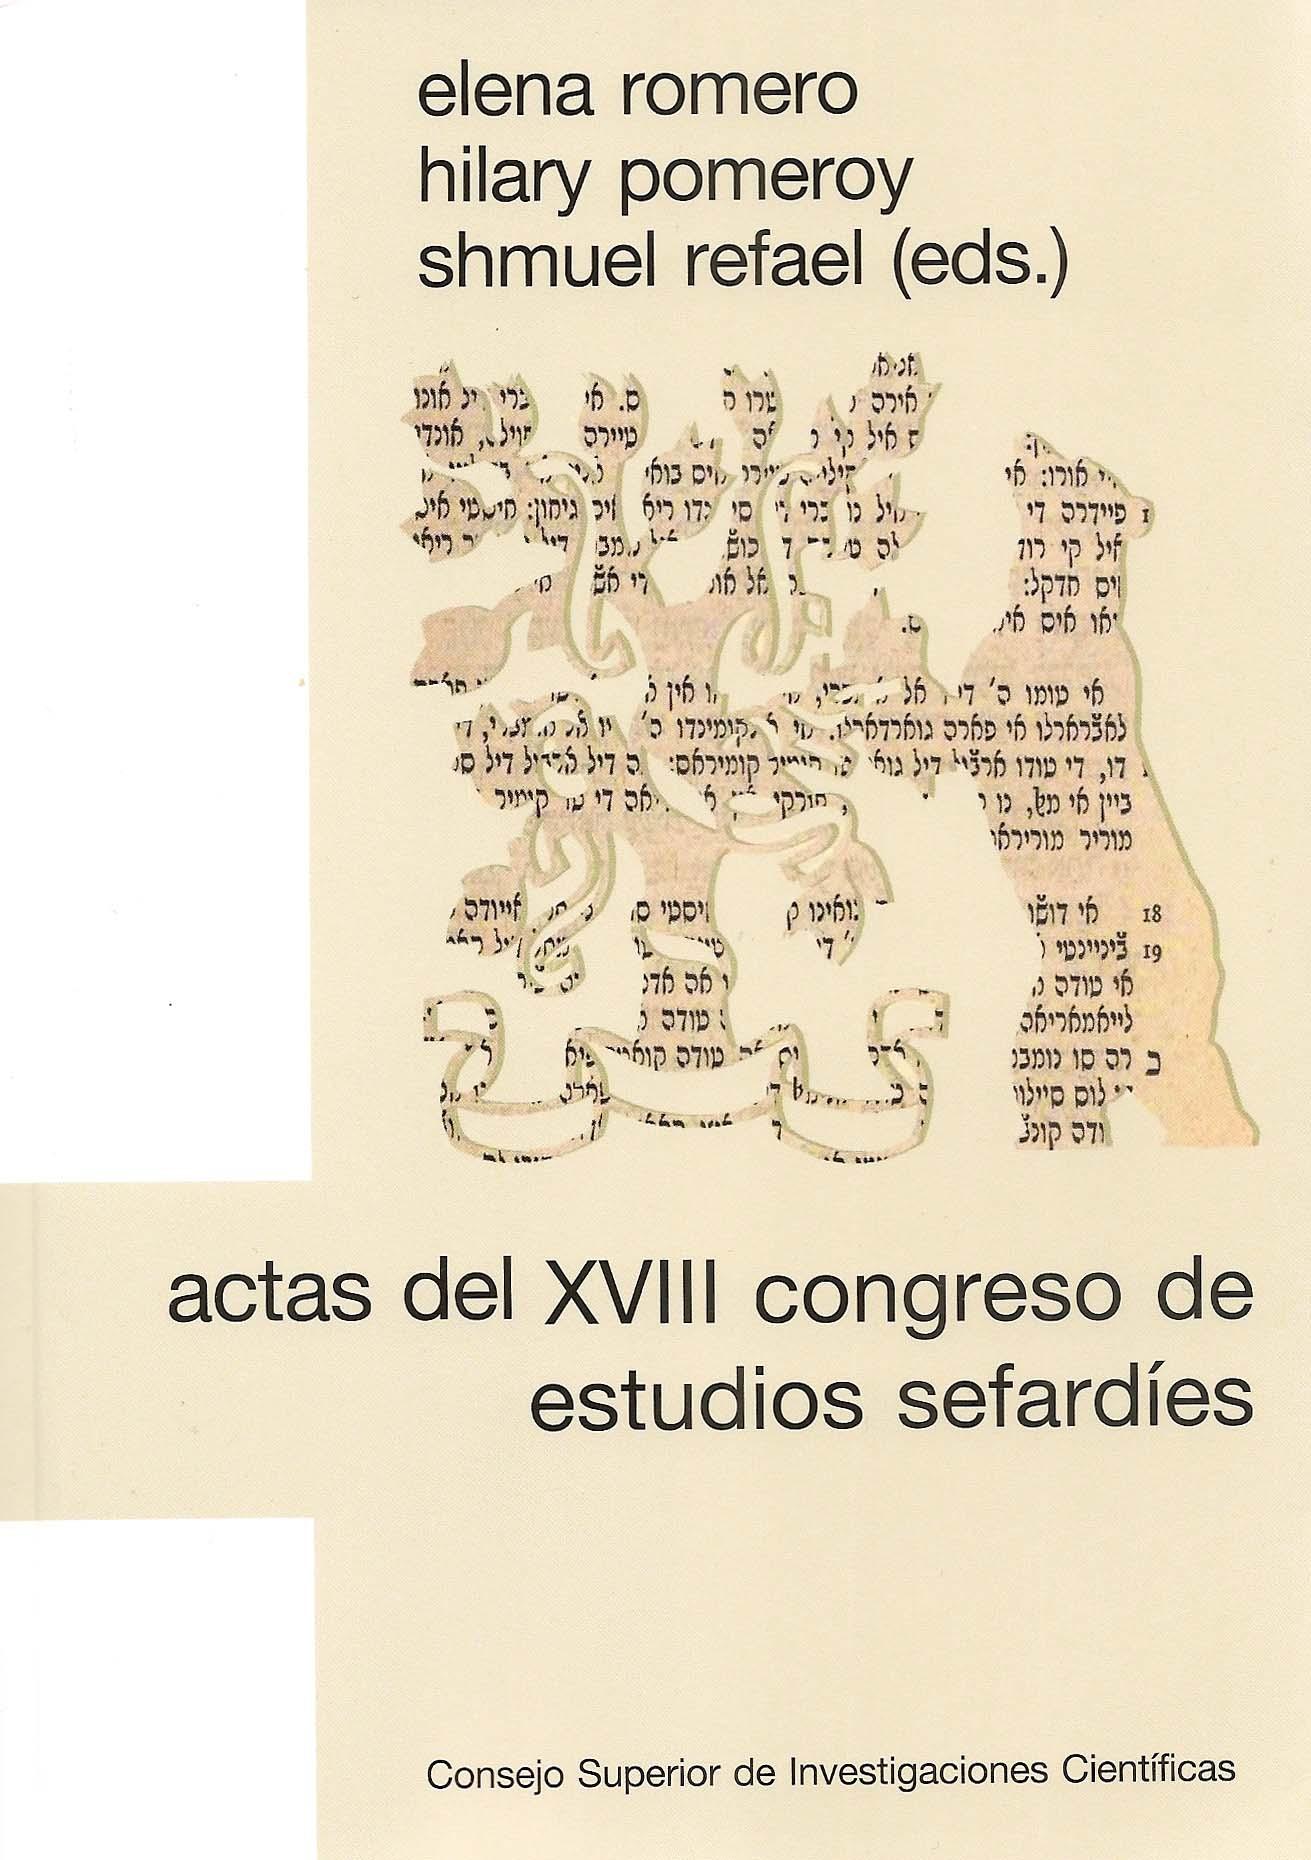 Actas del XVIII Congreso de Estudios Sefardíes: selección de conferencias